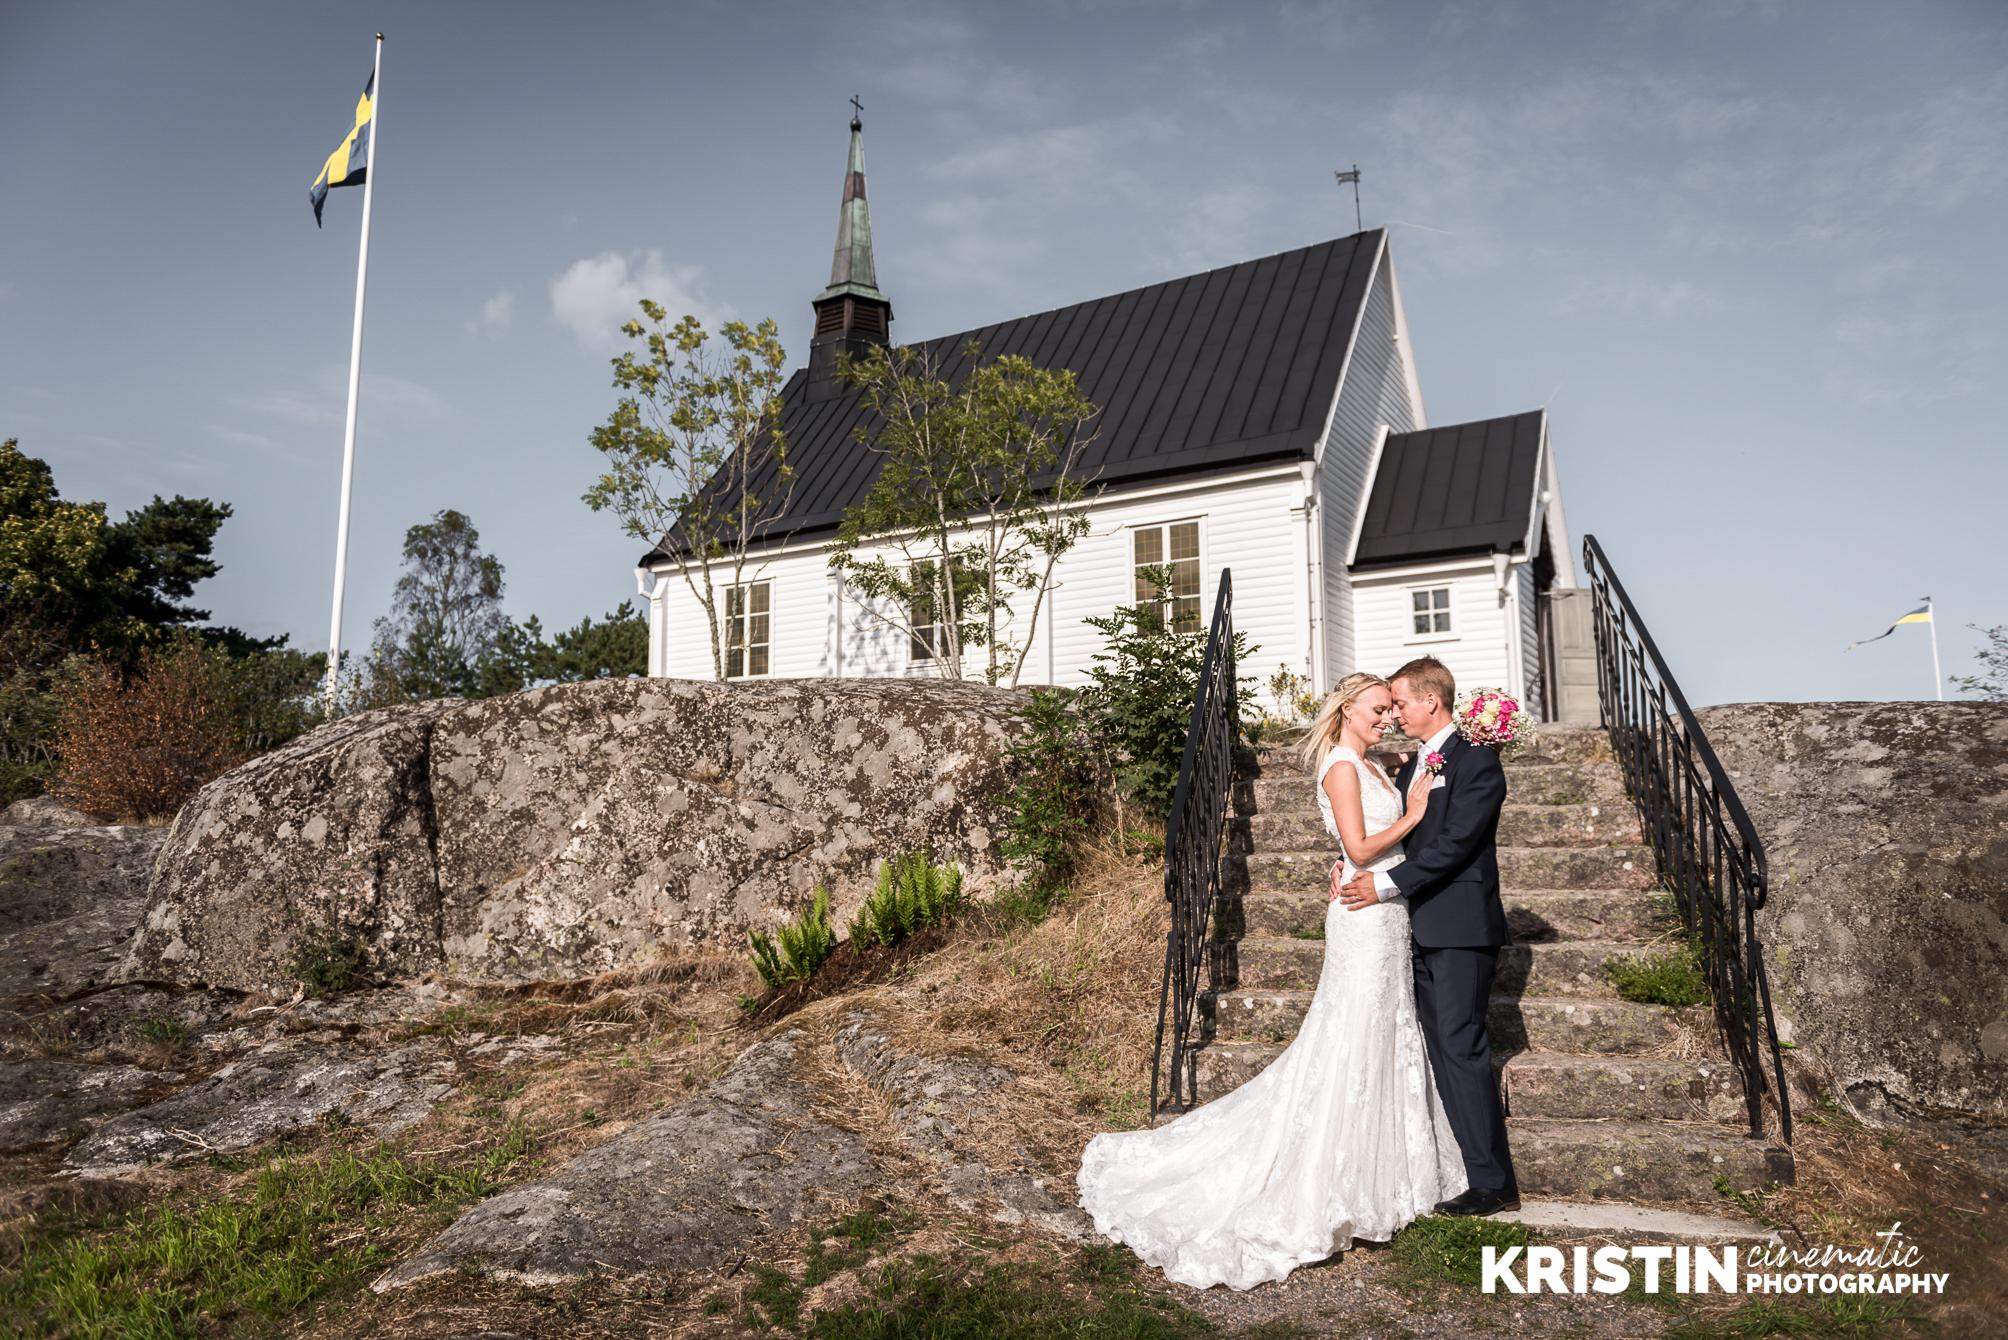 Bröllopsfotograf i Eskilstuna Kristin - Photography-28.jpg